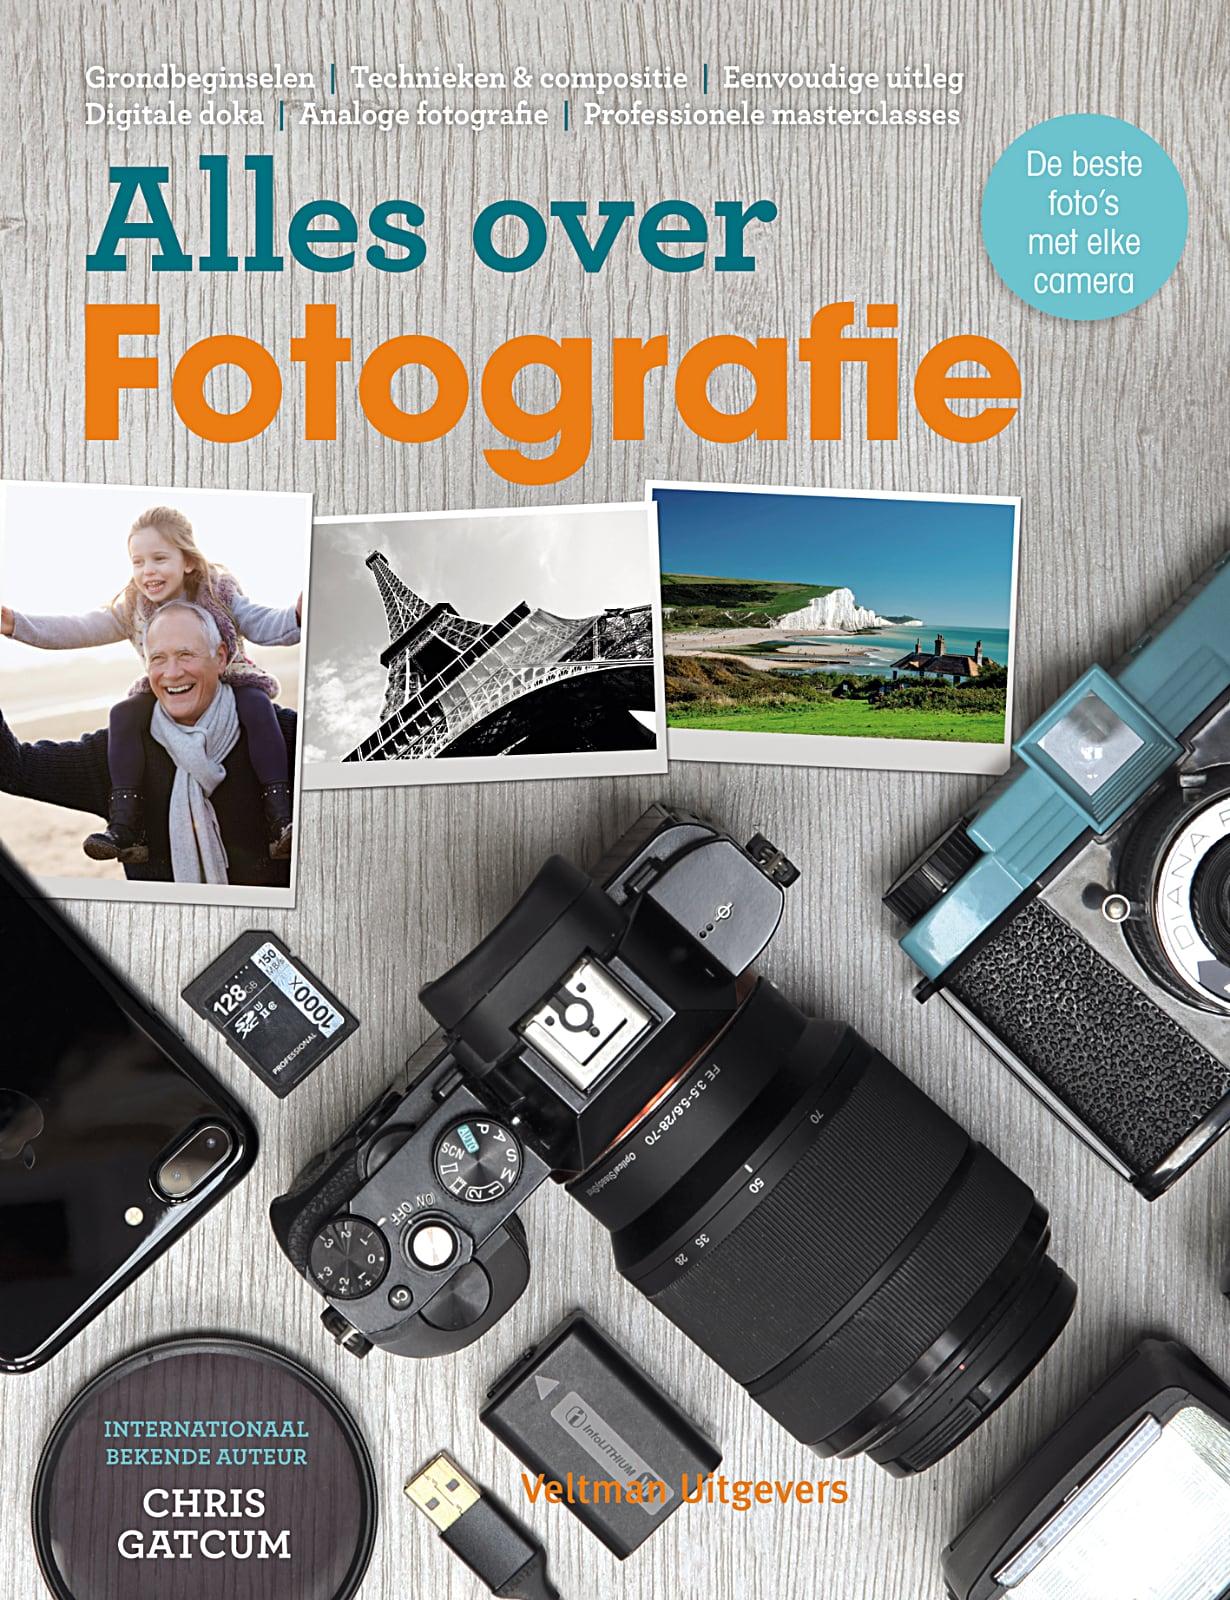 Alles over Fotografie - hét handboek om met elke camera de best mogelijke foto's te maken. Auteur Chris Gatcum, isbn 9789048315734